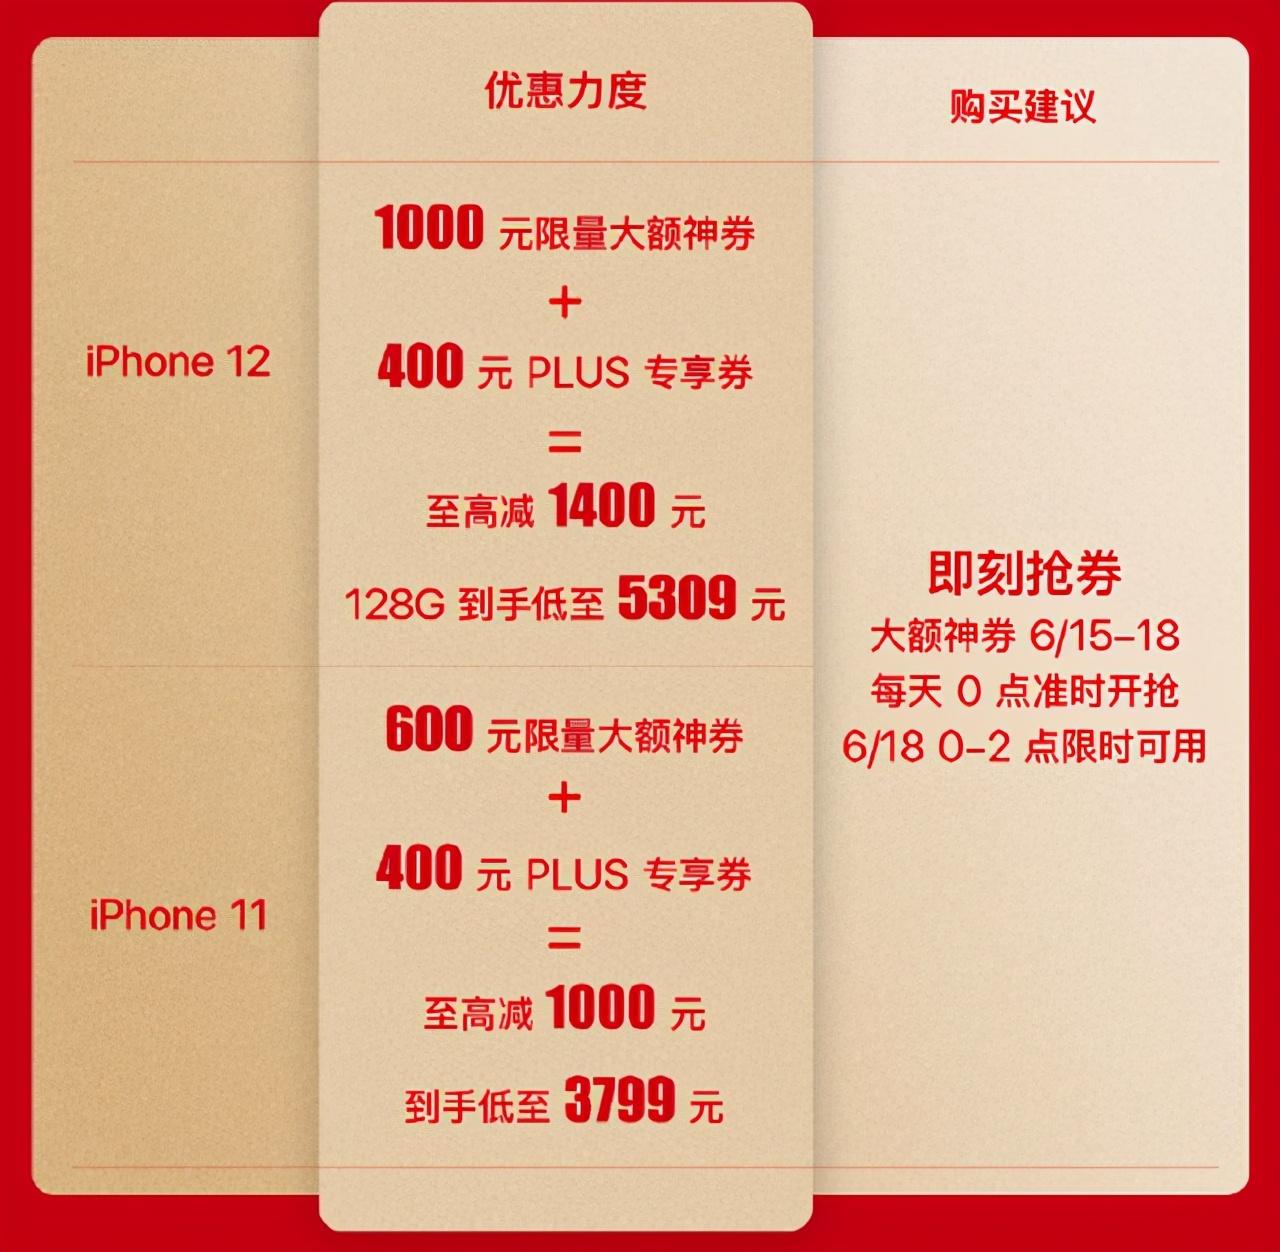 618最后瘋狂 iPhone 12直降1400元 趕緊抄底 錯過要等半年